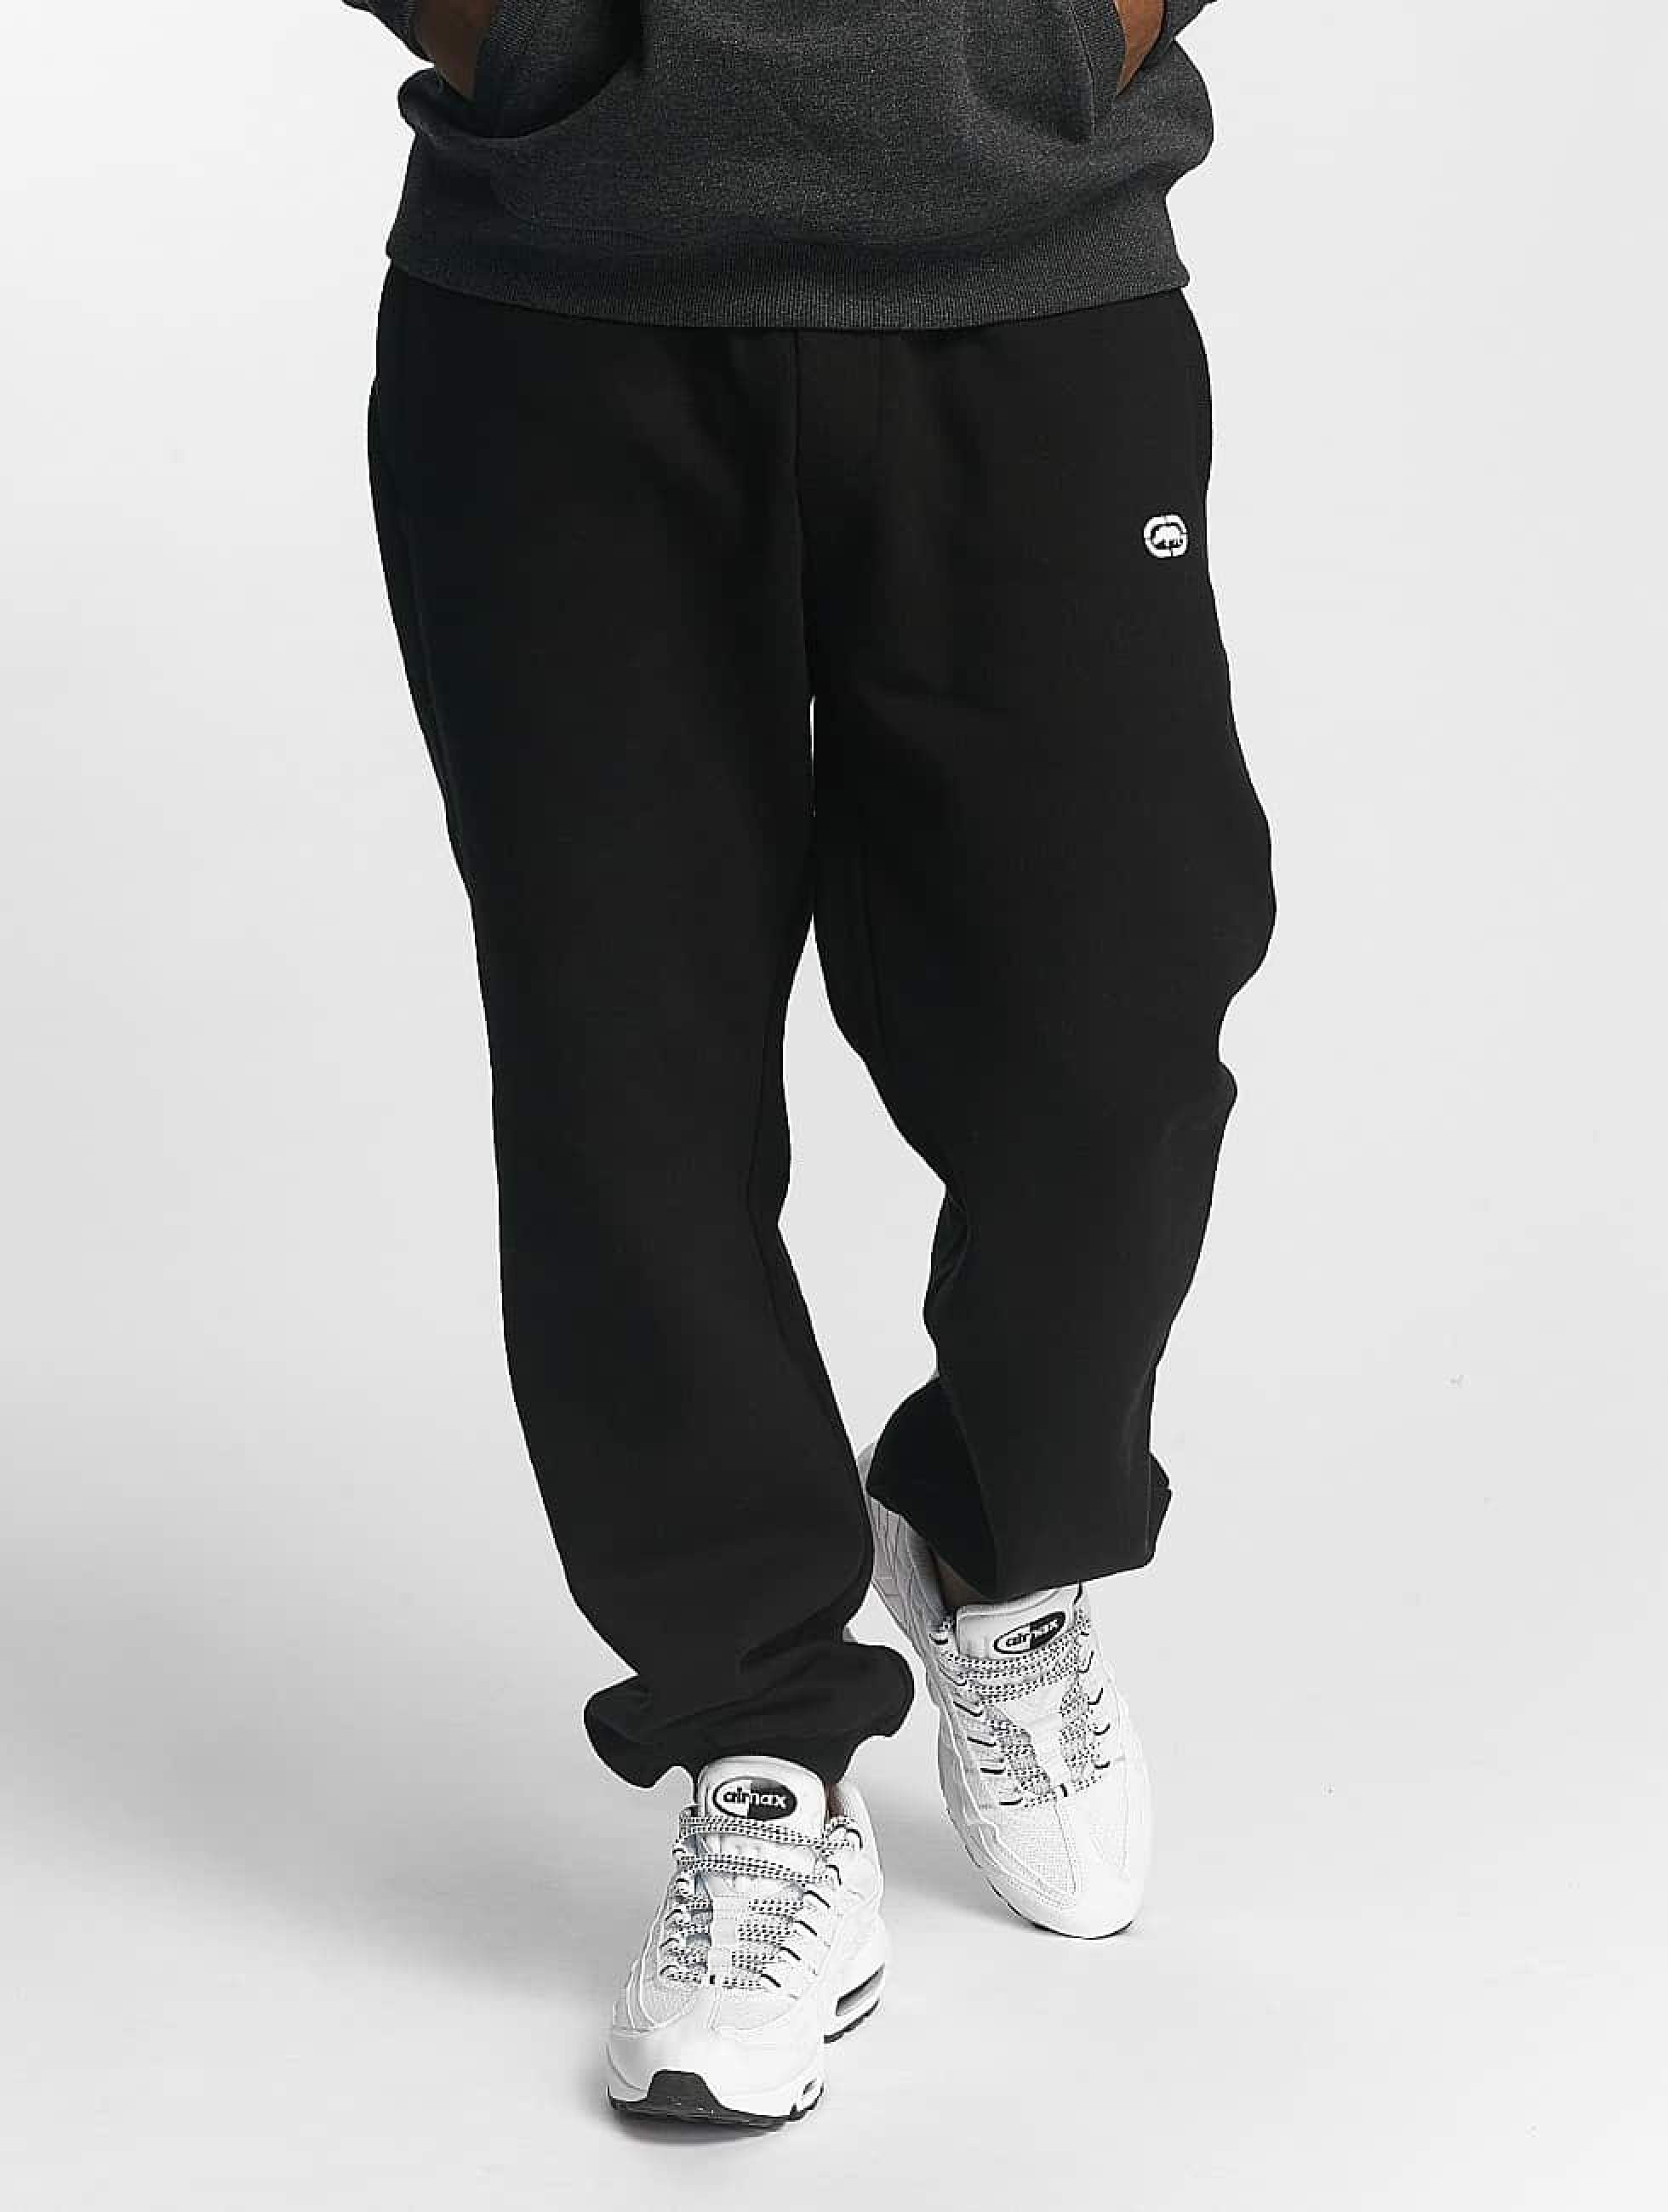 Ecko Unltd. / Sweat Pant Base in black 5XL